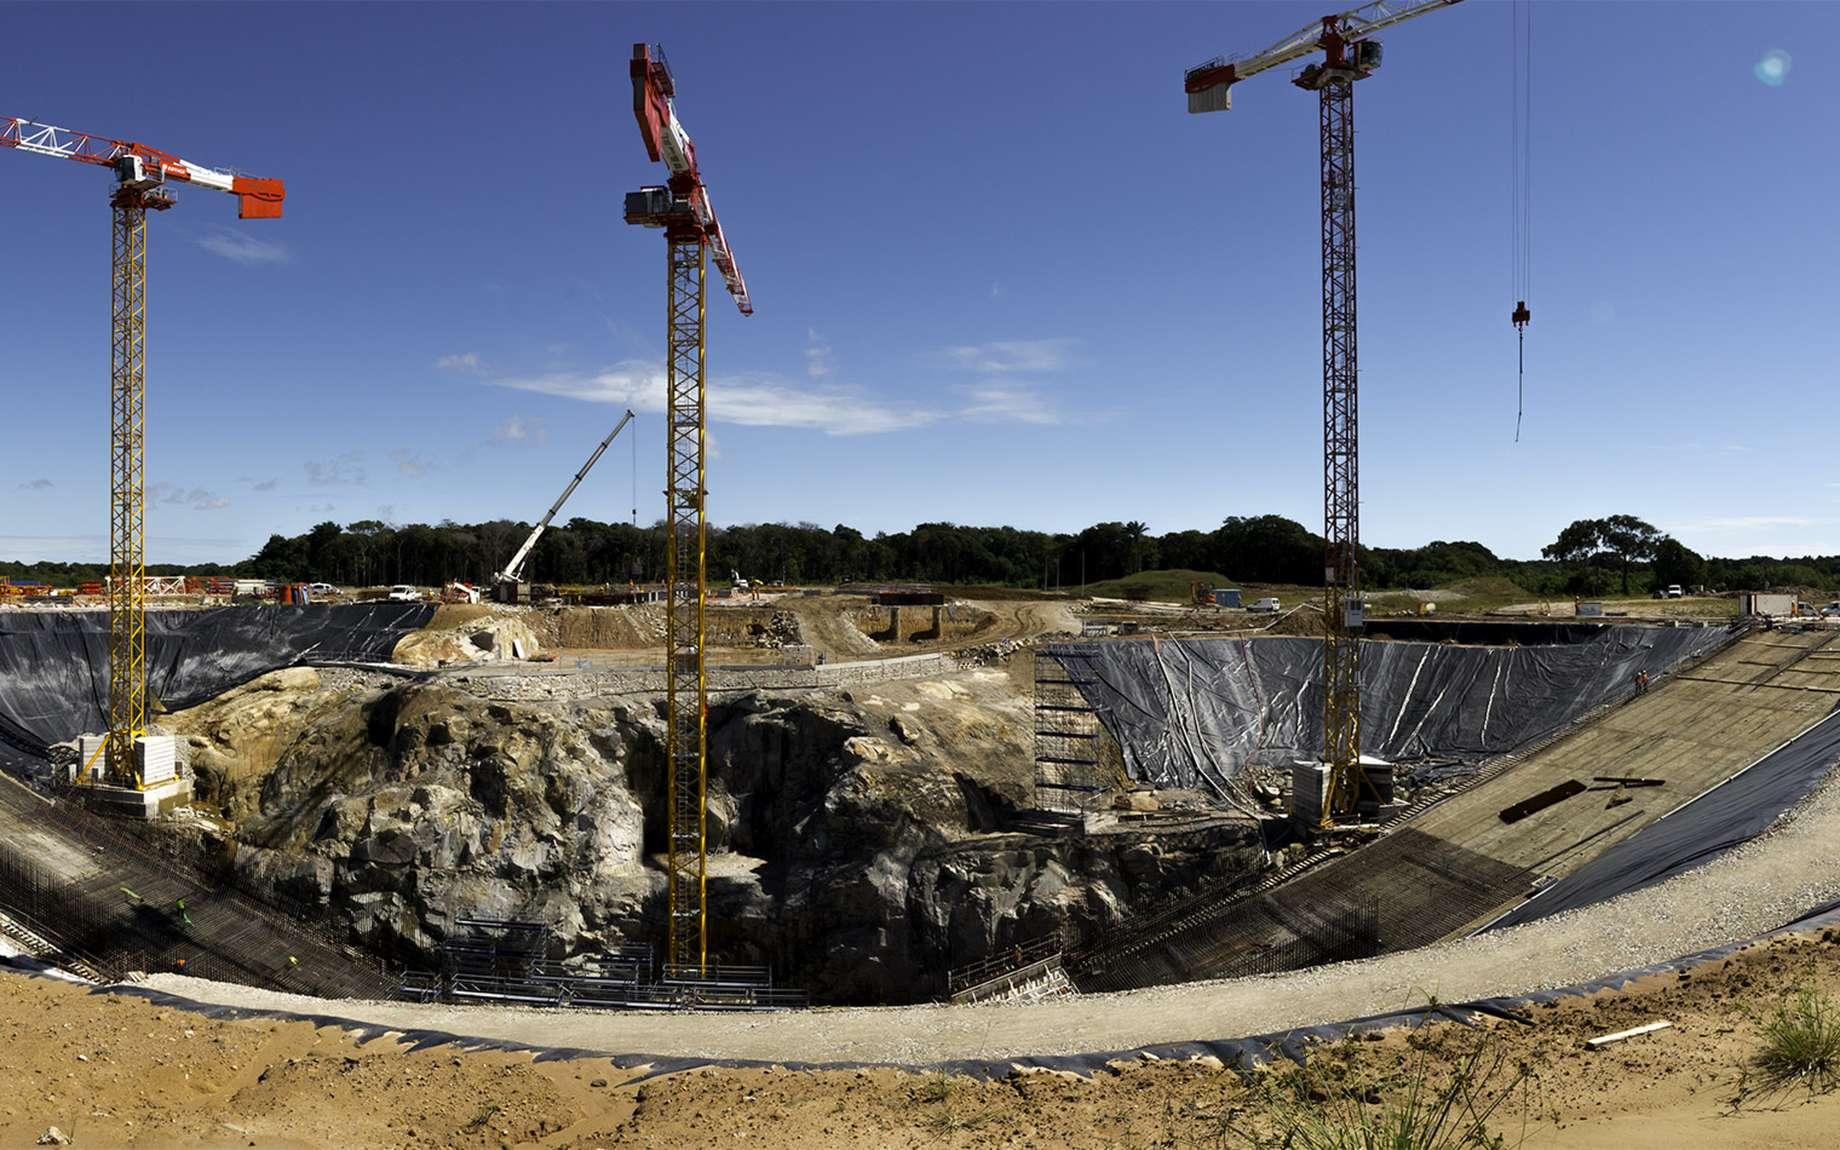 Découvrez la construction du pas de tir d'Ariane 6 en chiffres. Ici, une vue d'ensemble du massif de lancement en cours de construction. © Rémy Decourt